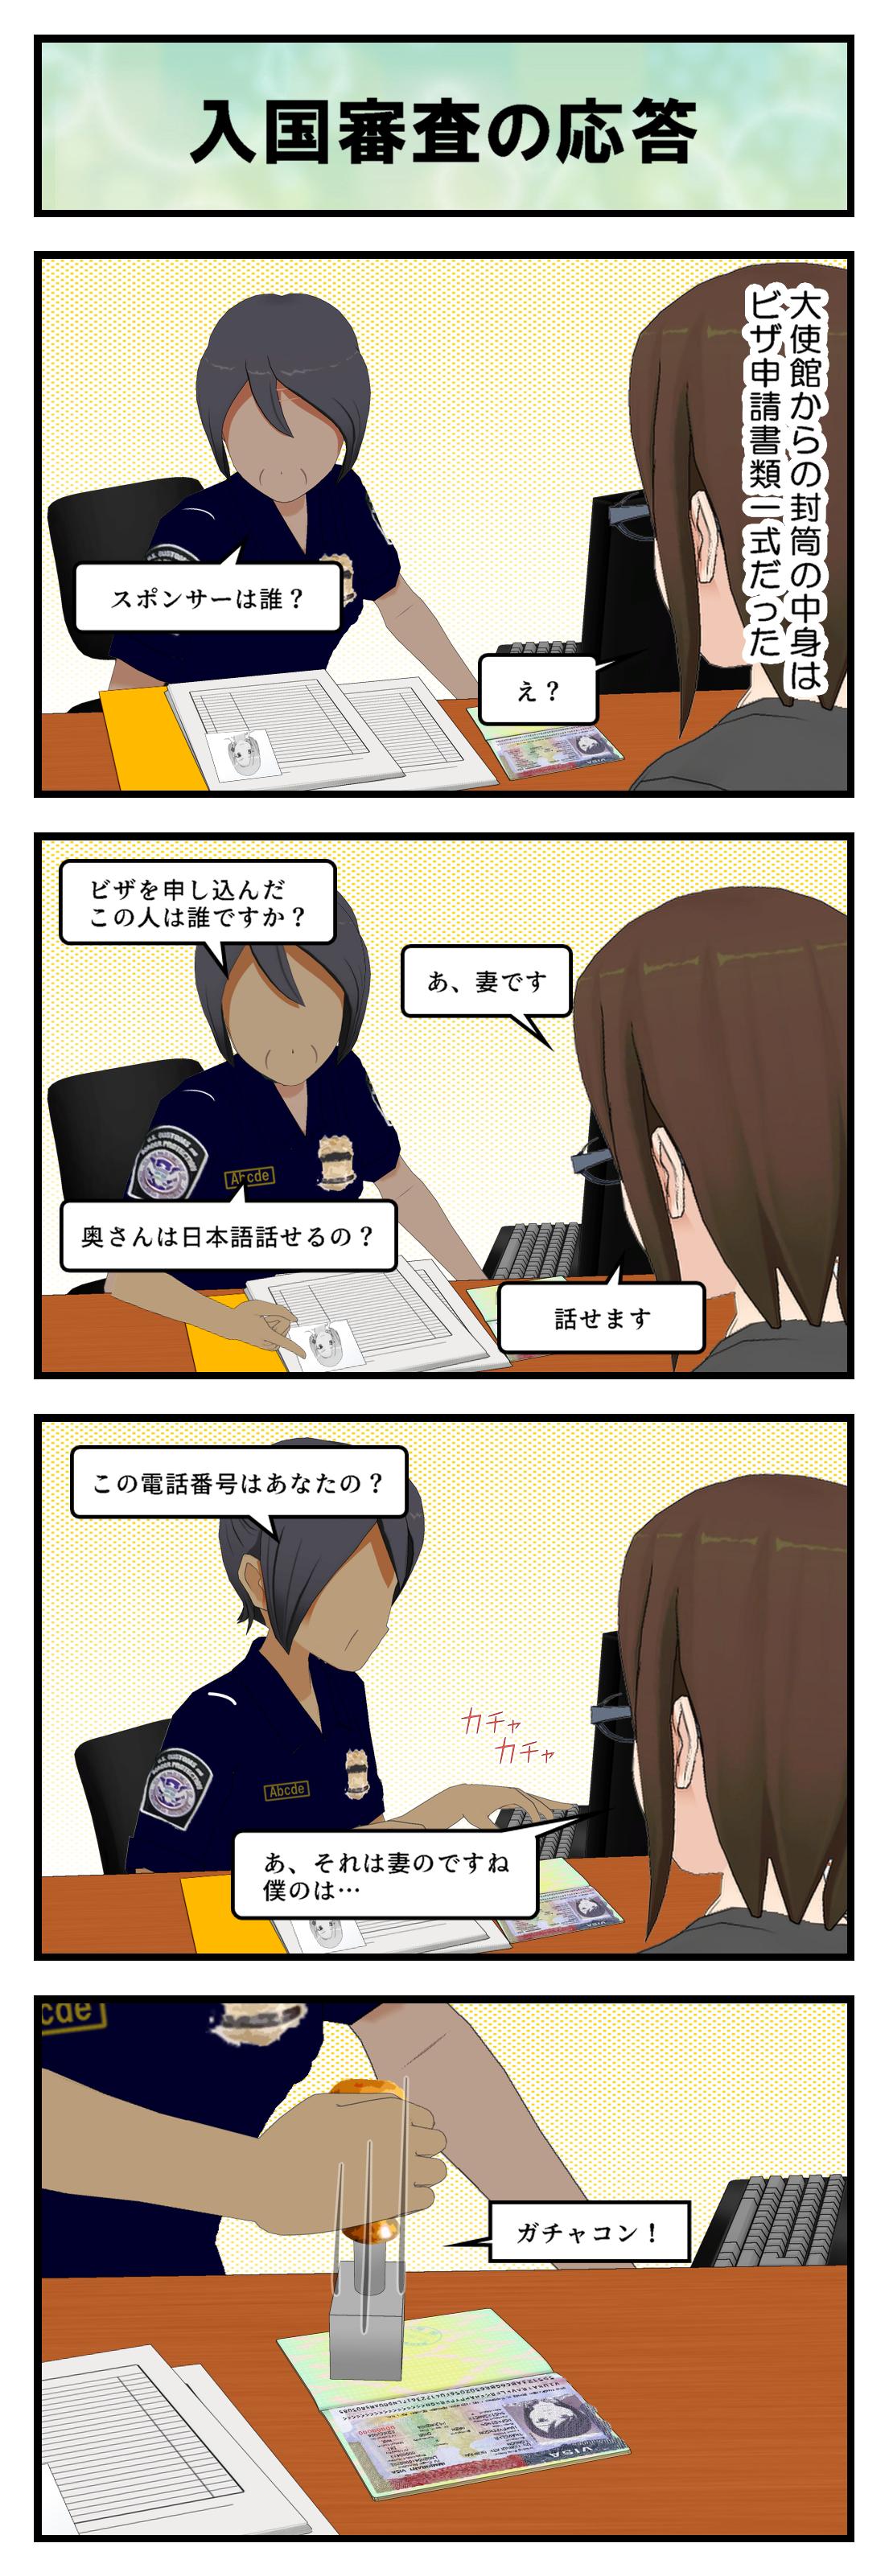 R005_入国審査_001